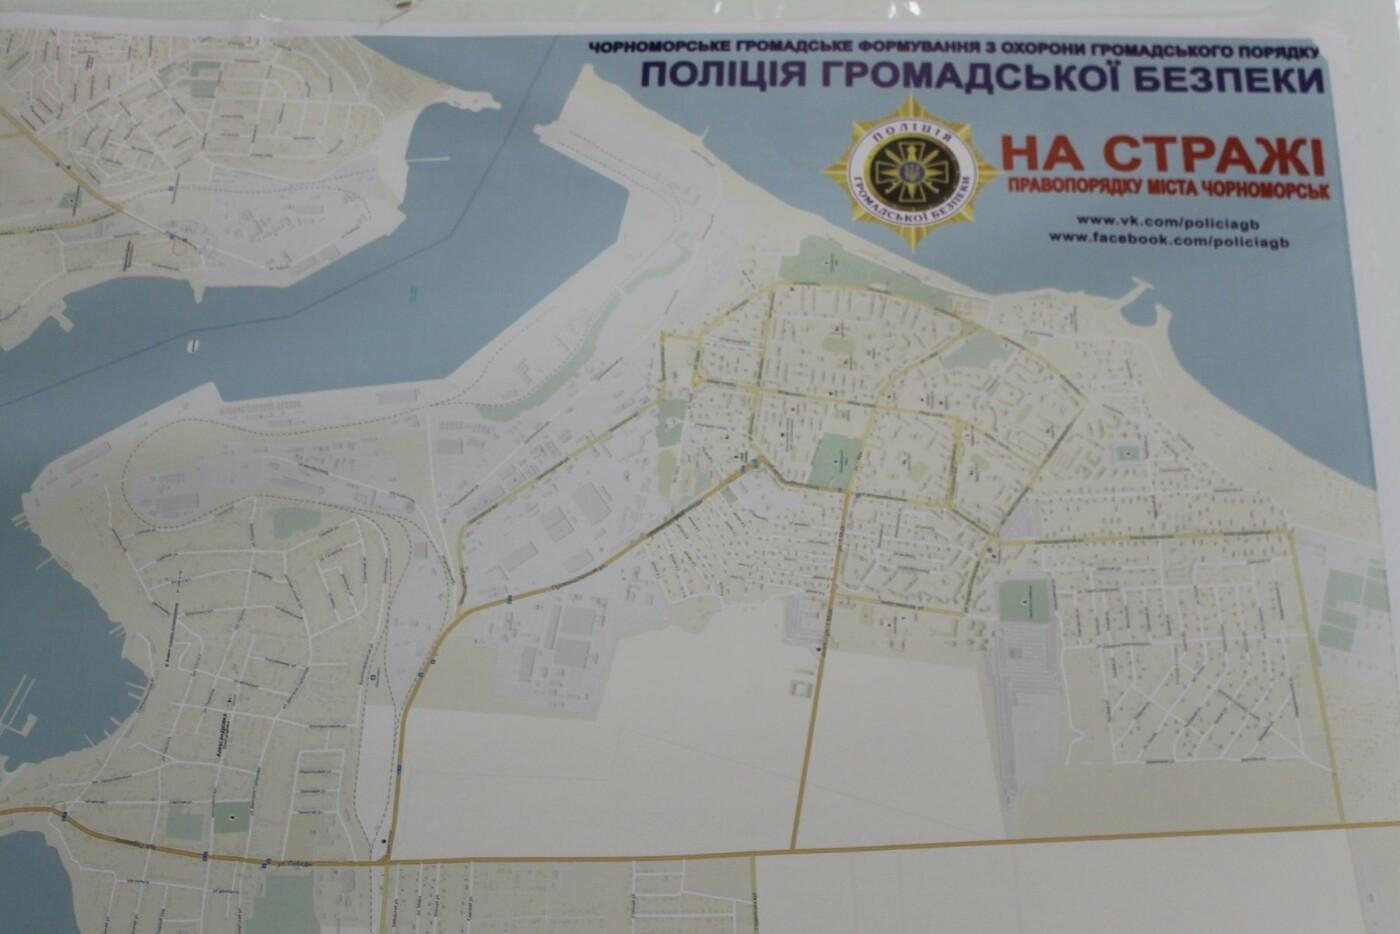 Как полиция и общественность Черноморска вместе делают свой город безопаснее, фото-8